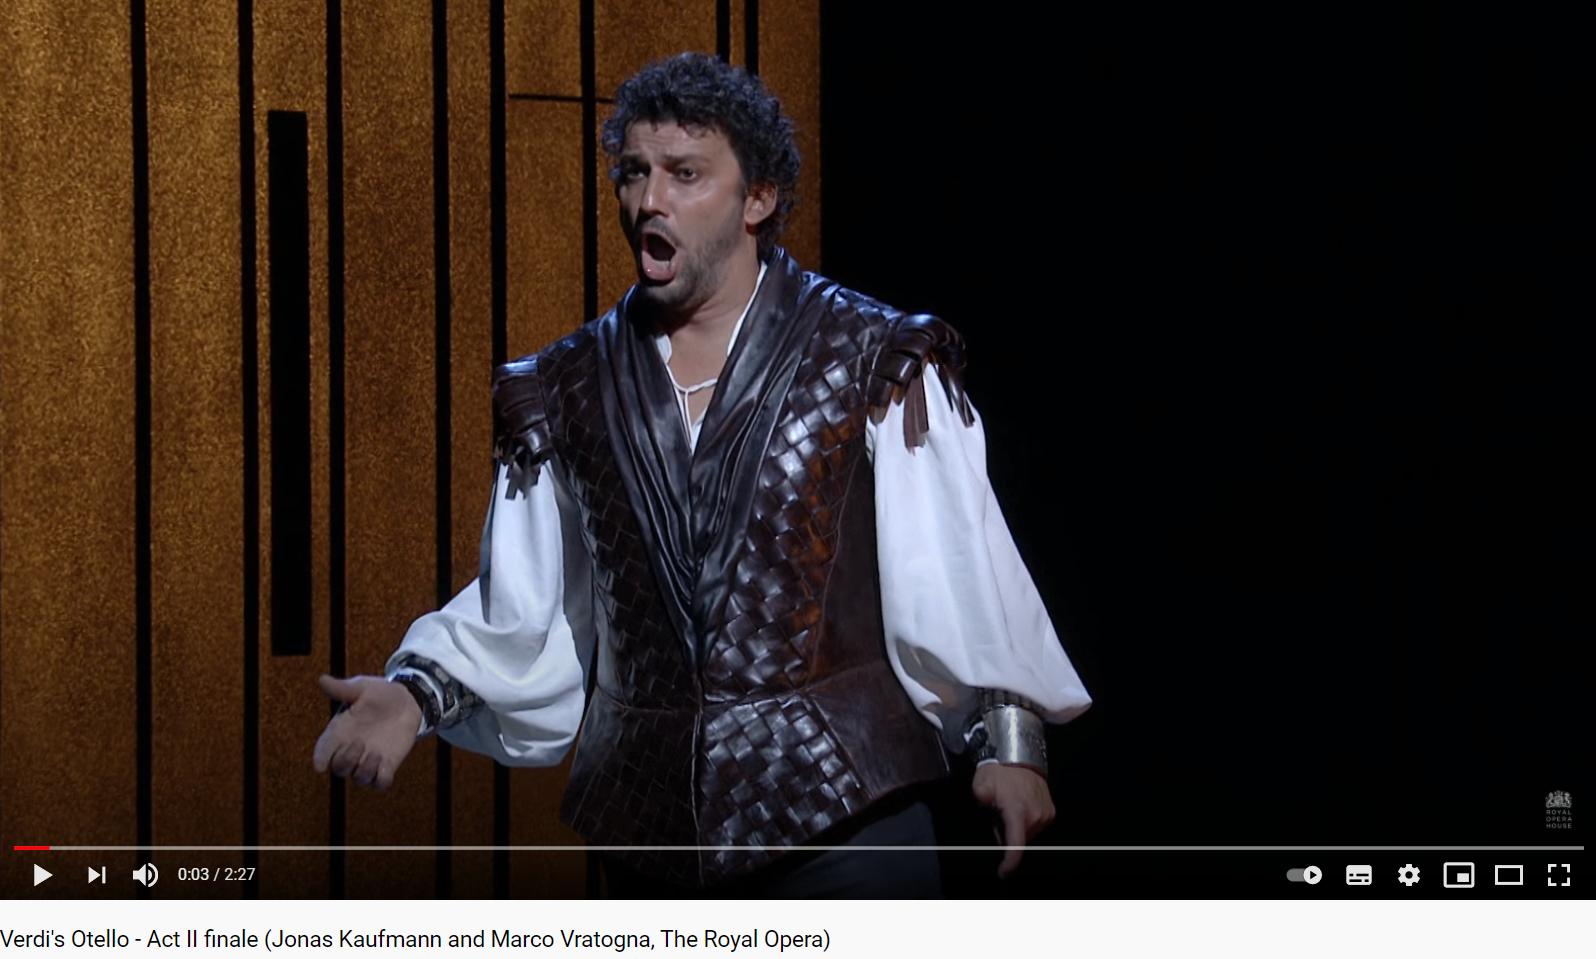 Verdi Otello final de l'acte II